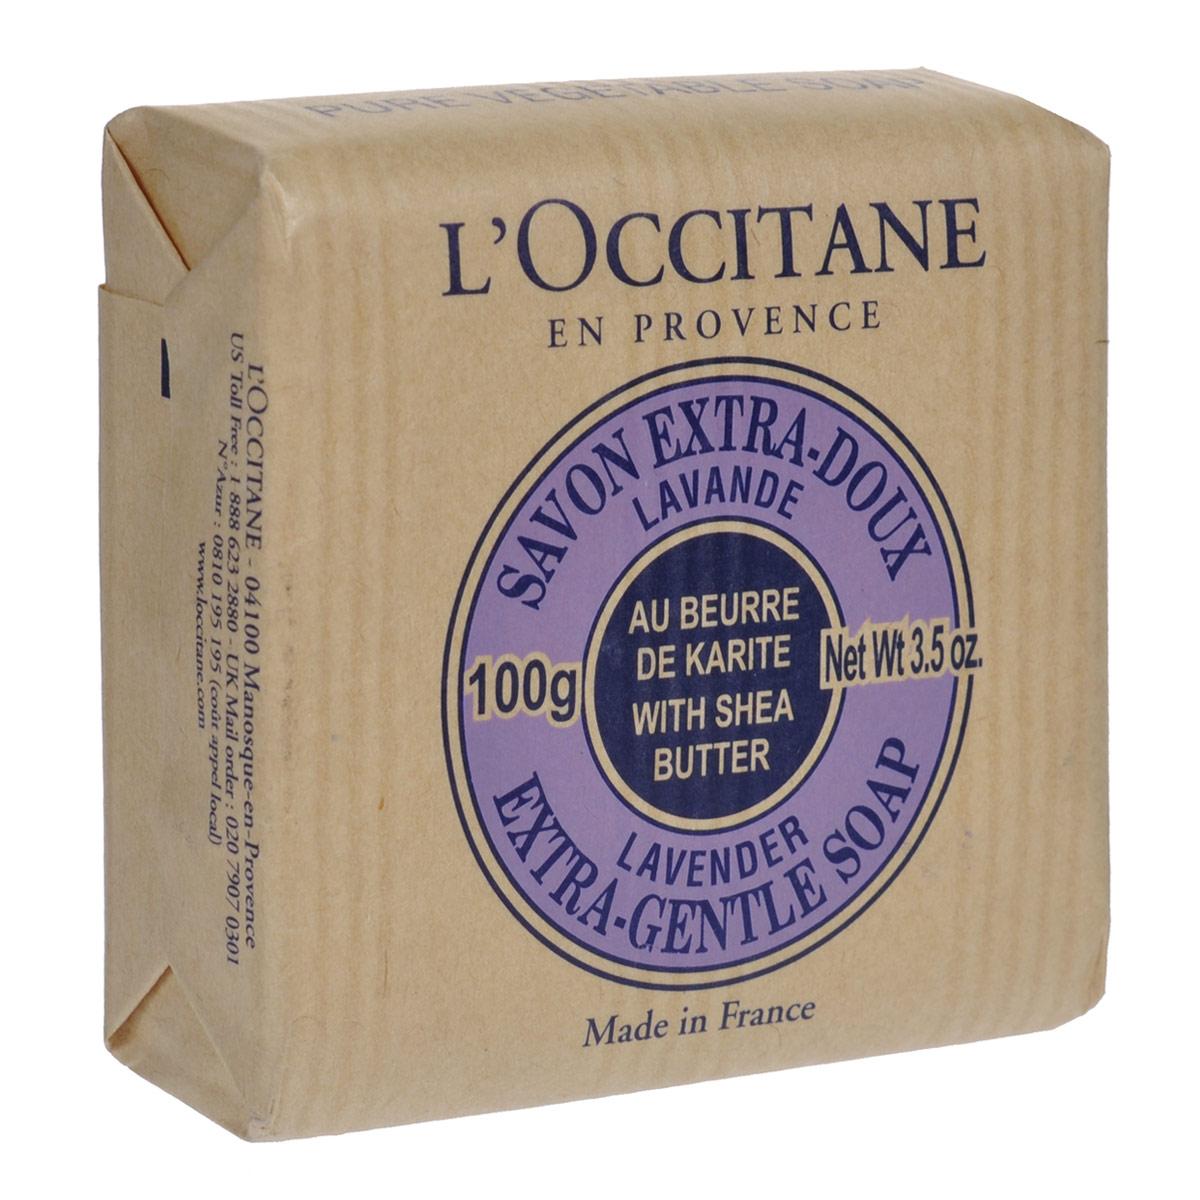 Loccitane Мыло Лаванда, 100 гSatin Hair 7 BR730MNТуалетное мыло LOccitane Лаванда великолепно подходит для ежедневного использования. Содержит 100%-ую натуральную основу, обогащен маслом Карите.Подходит для всей семьи. Характеристики:Вес: 100 г. Производитель: Франция. Артикул:244777. Loccitane (Л окситан) - натуральная косметика с юга Франции, основатель которой Оливье Боссан. Название Loccitane происходит от названия старинной провинции - Окситании. Это также подчеркивает идею кампании - сочетании традиций и компонентов из Средиземноморья в средствах по уходу за кожей и для дома. LOccitane использует для производства косметических средств натуральные продукты: лаванду, оливки, тростниковый сахар, мед, миндаль, экстракты винограда и белого чая, эфирные масла розы, апельсина, морская соль также идет в дело. Специалисты компании с особой тщательностью отбирают сырье. Учитывается множество факторов, от места и условий выращивания сырья до времени и технологии сборки. Товар сертифицирован.